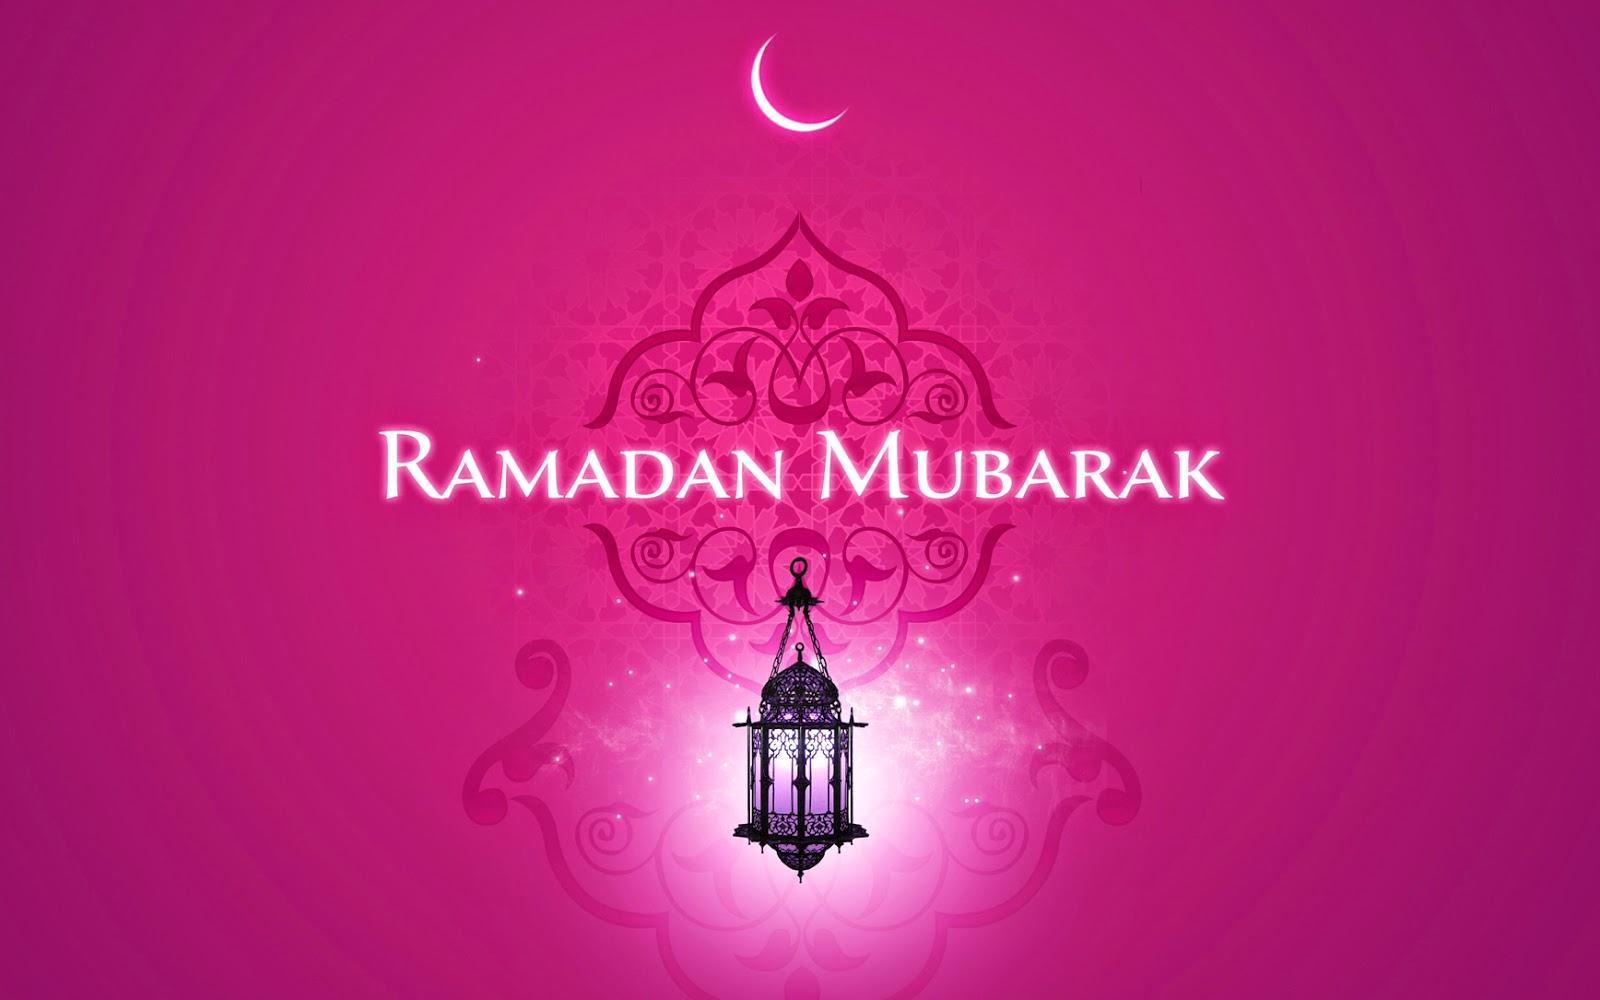 ناب ترین رژیم لاغری برای افطار و سحر در ماه رمضان